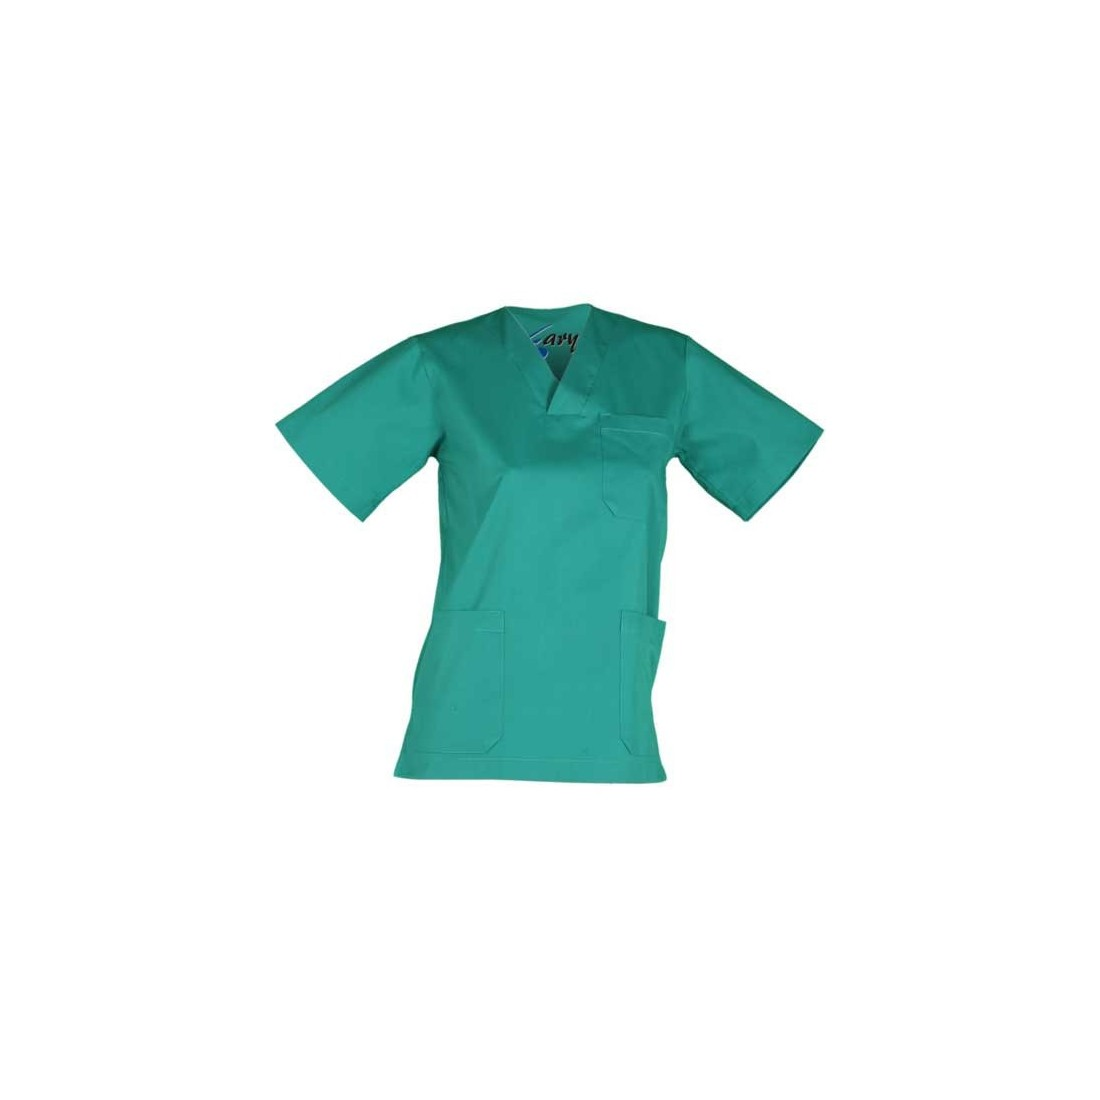 Casaca sanitaria colores manga corta unisex. Ref 603